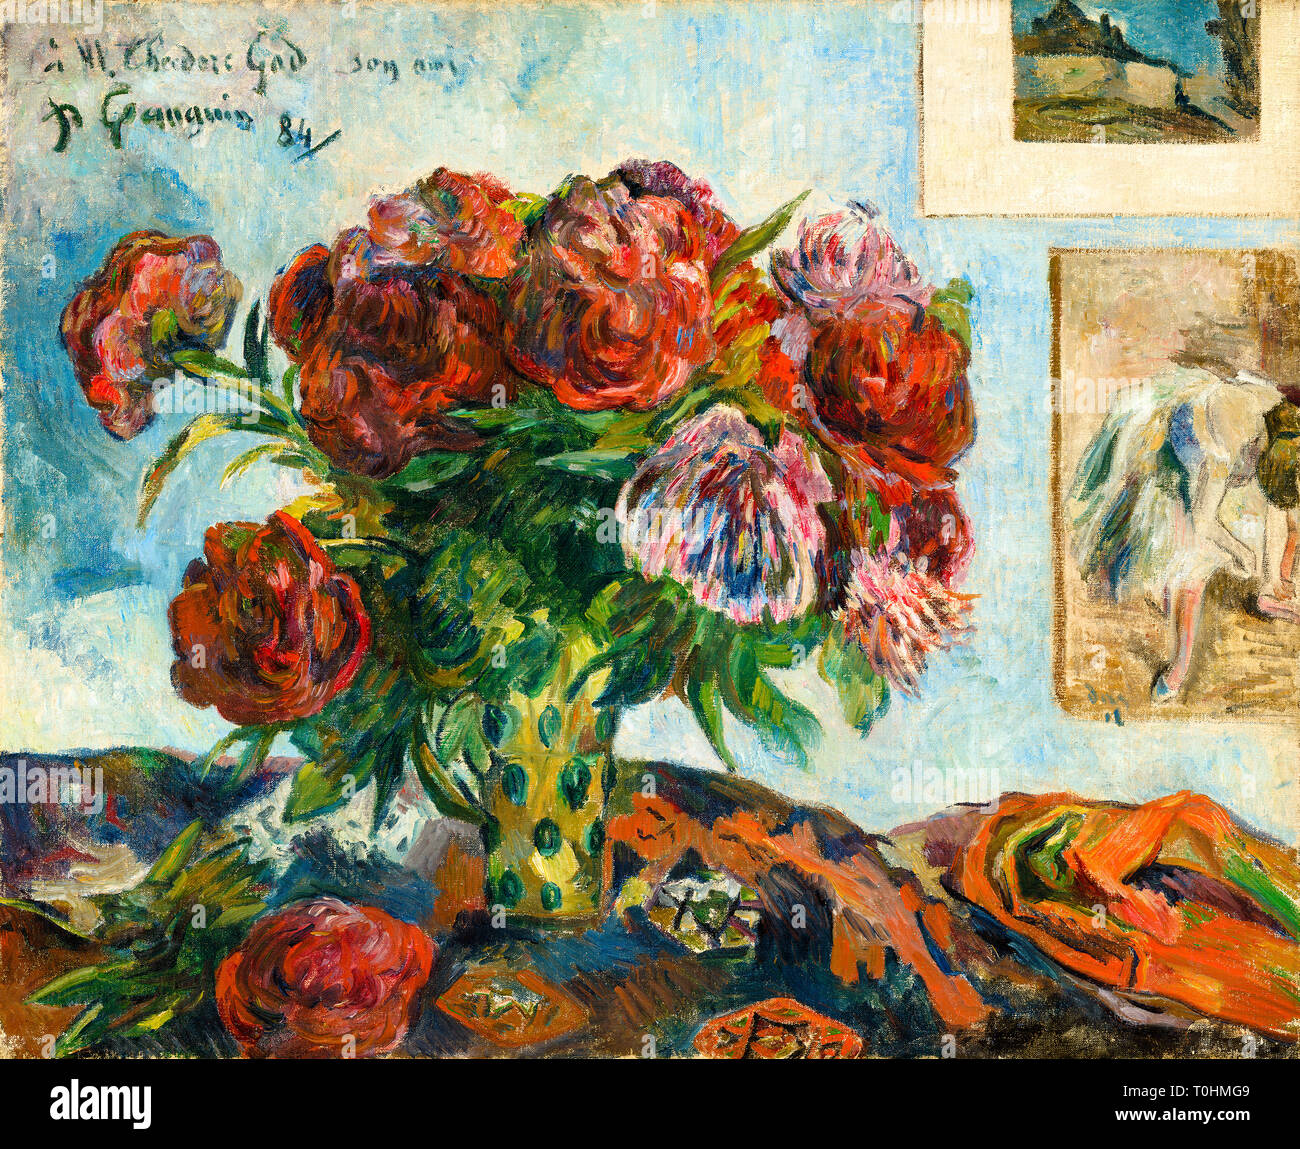 Paul Gauguin, Bodegón con peonías, pintura, 1884 Imagen De Stock